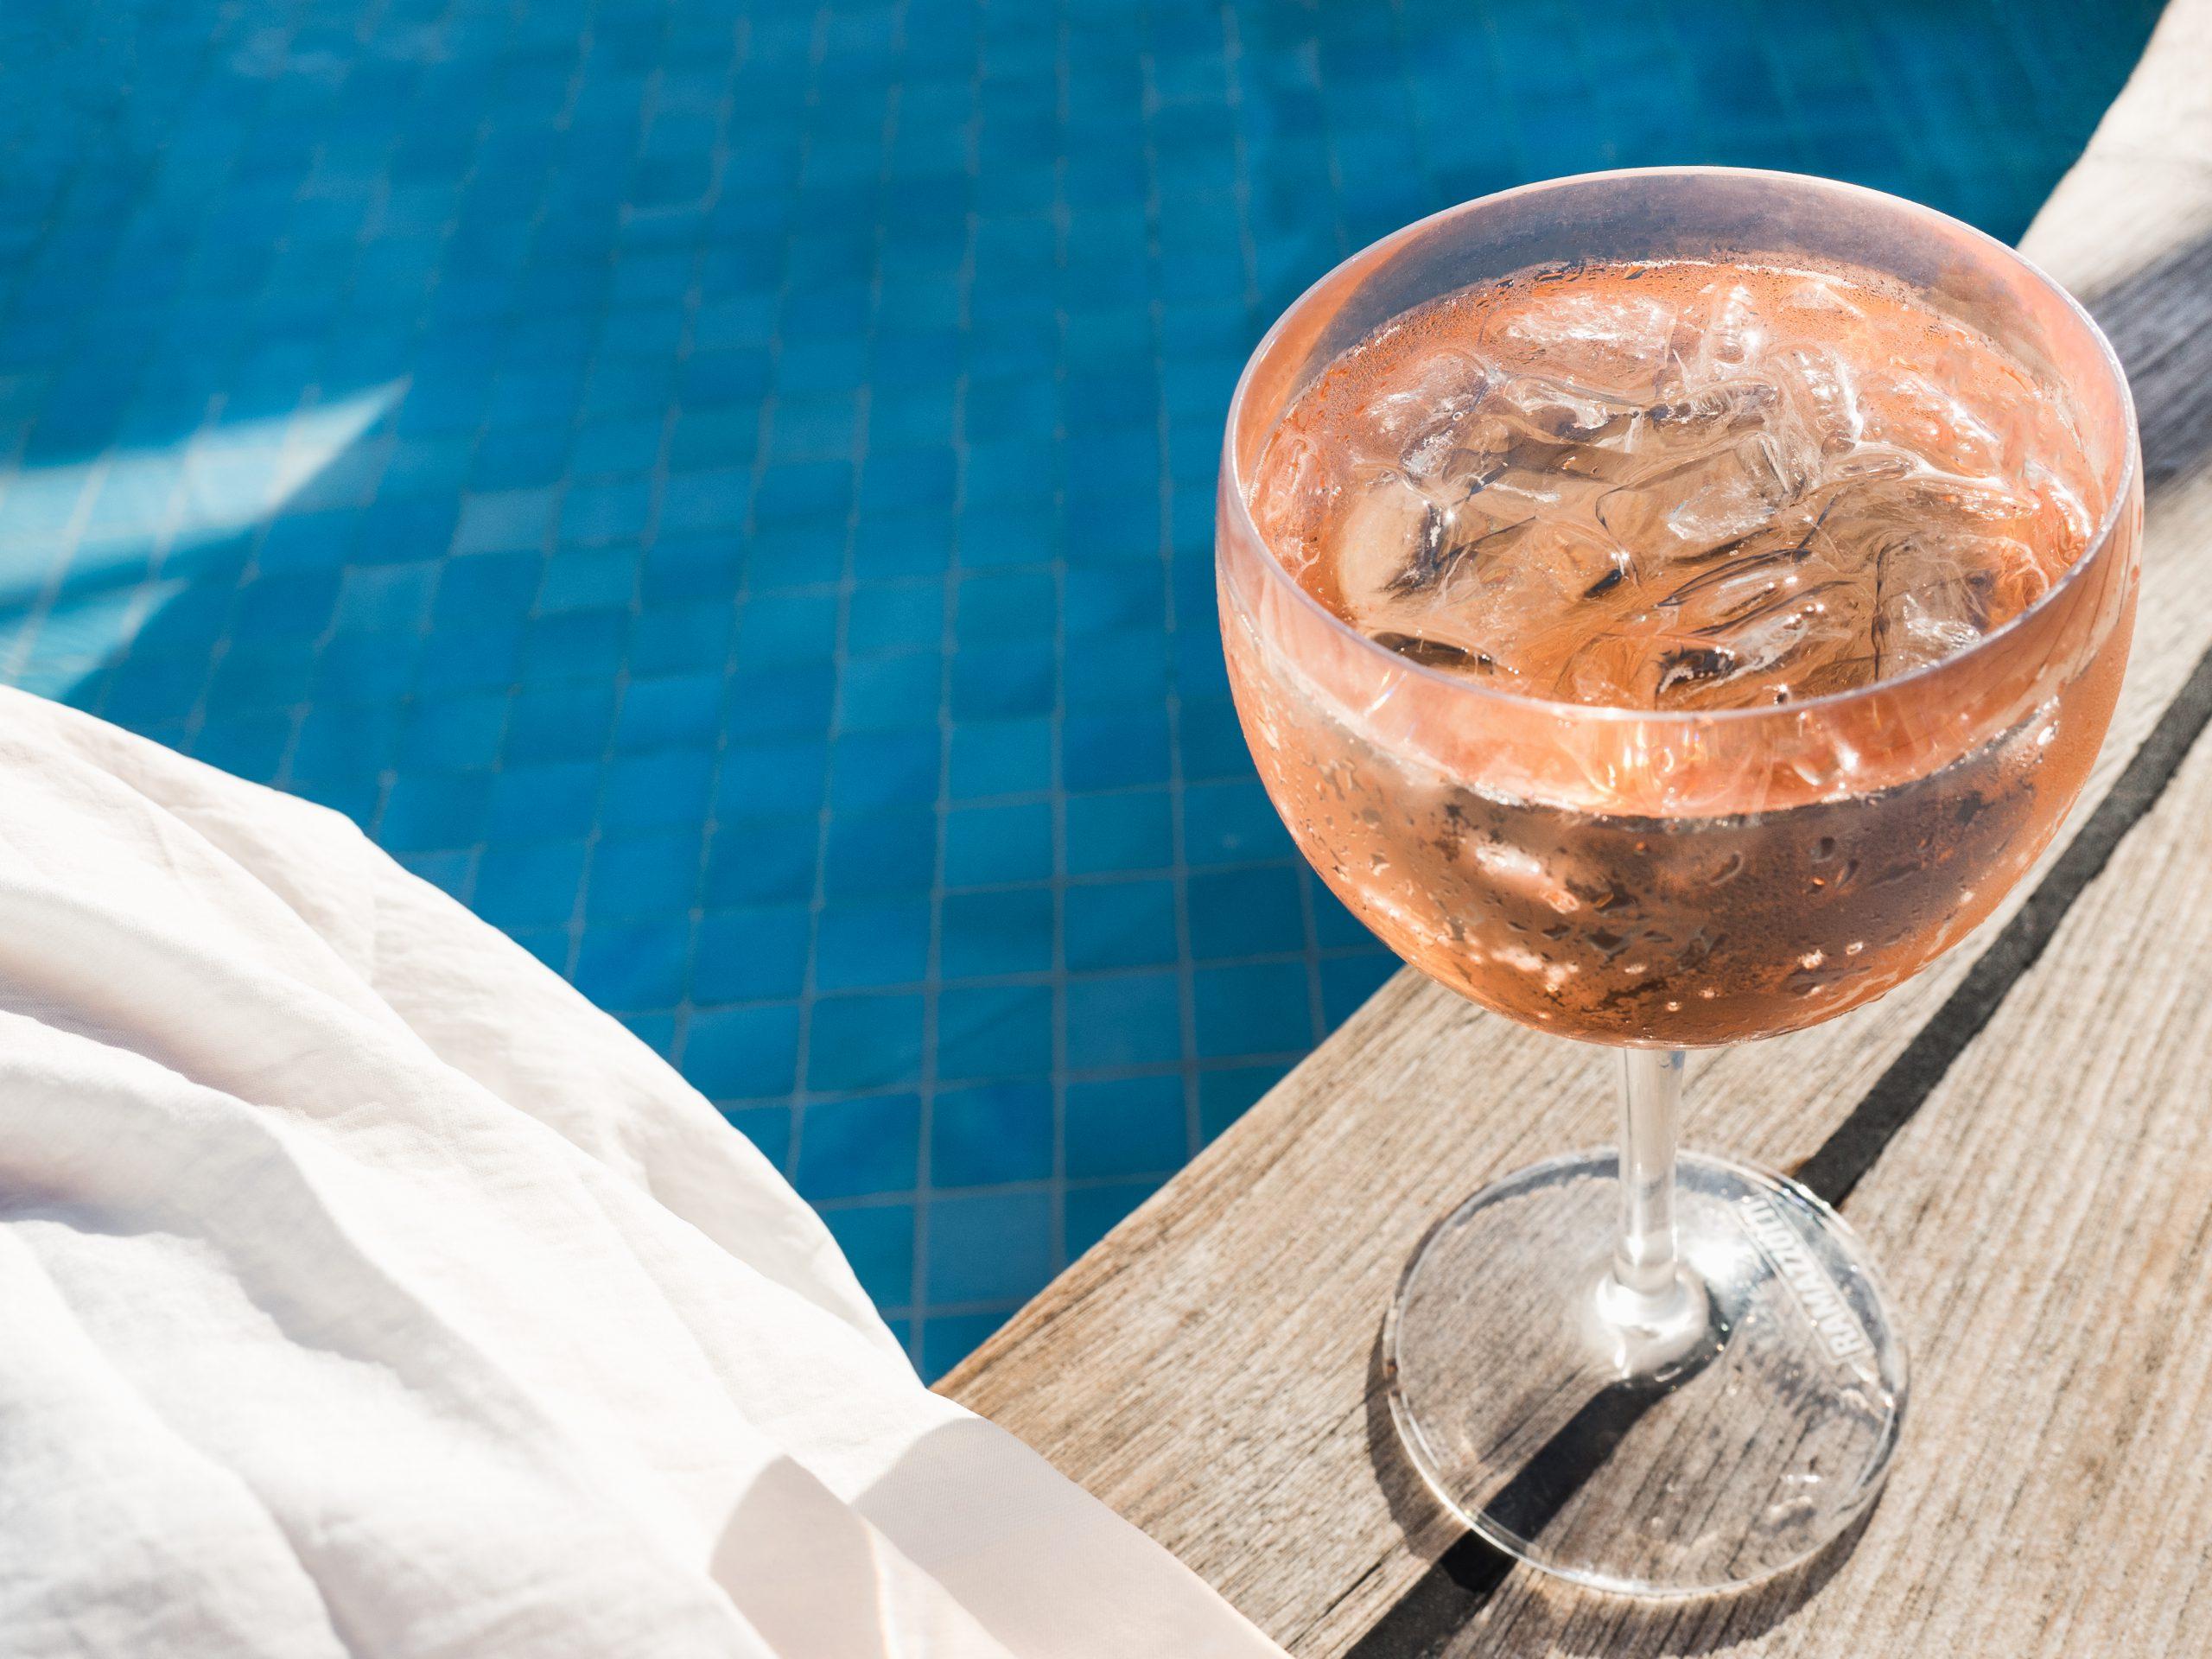 夏のワインは冷やして飲もう!冷やしても美味しいワイン18選